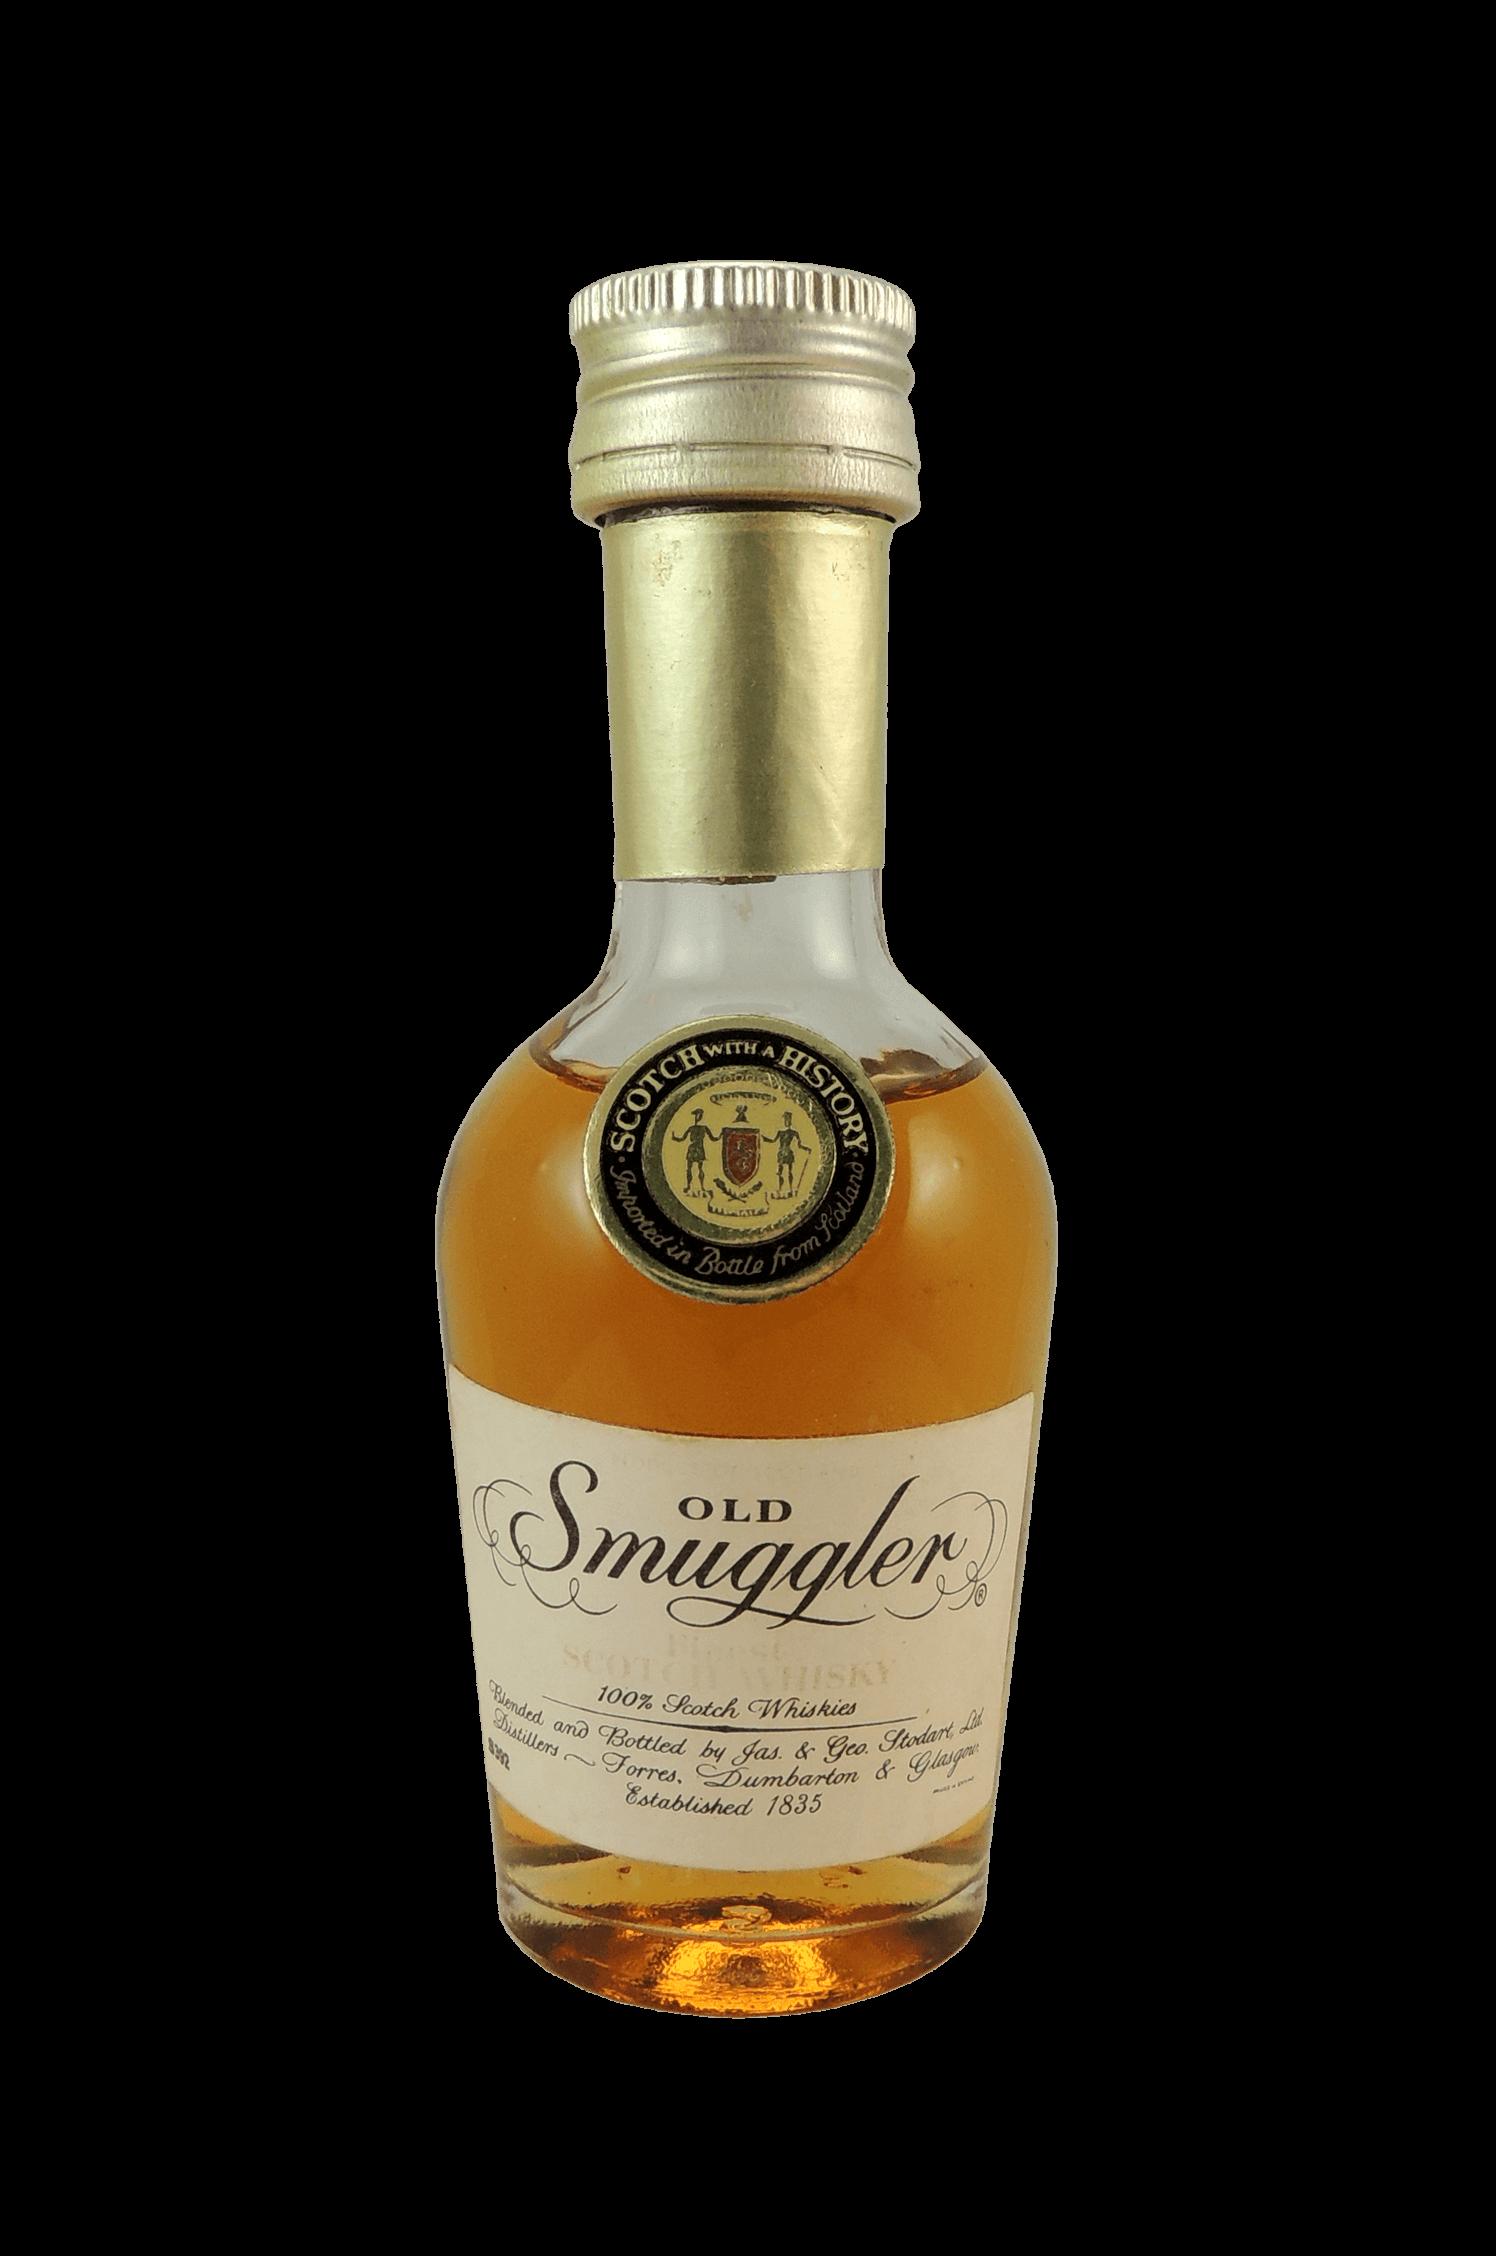 Old Smuggler Scotch Whisky